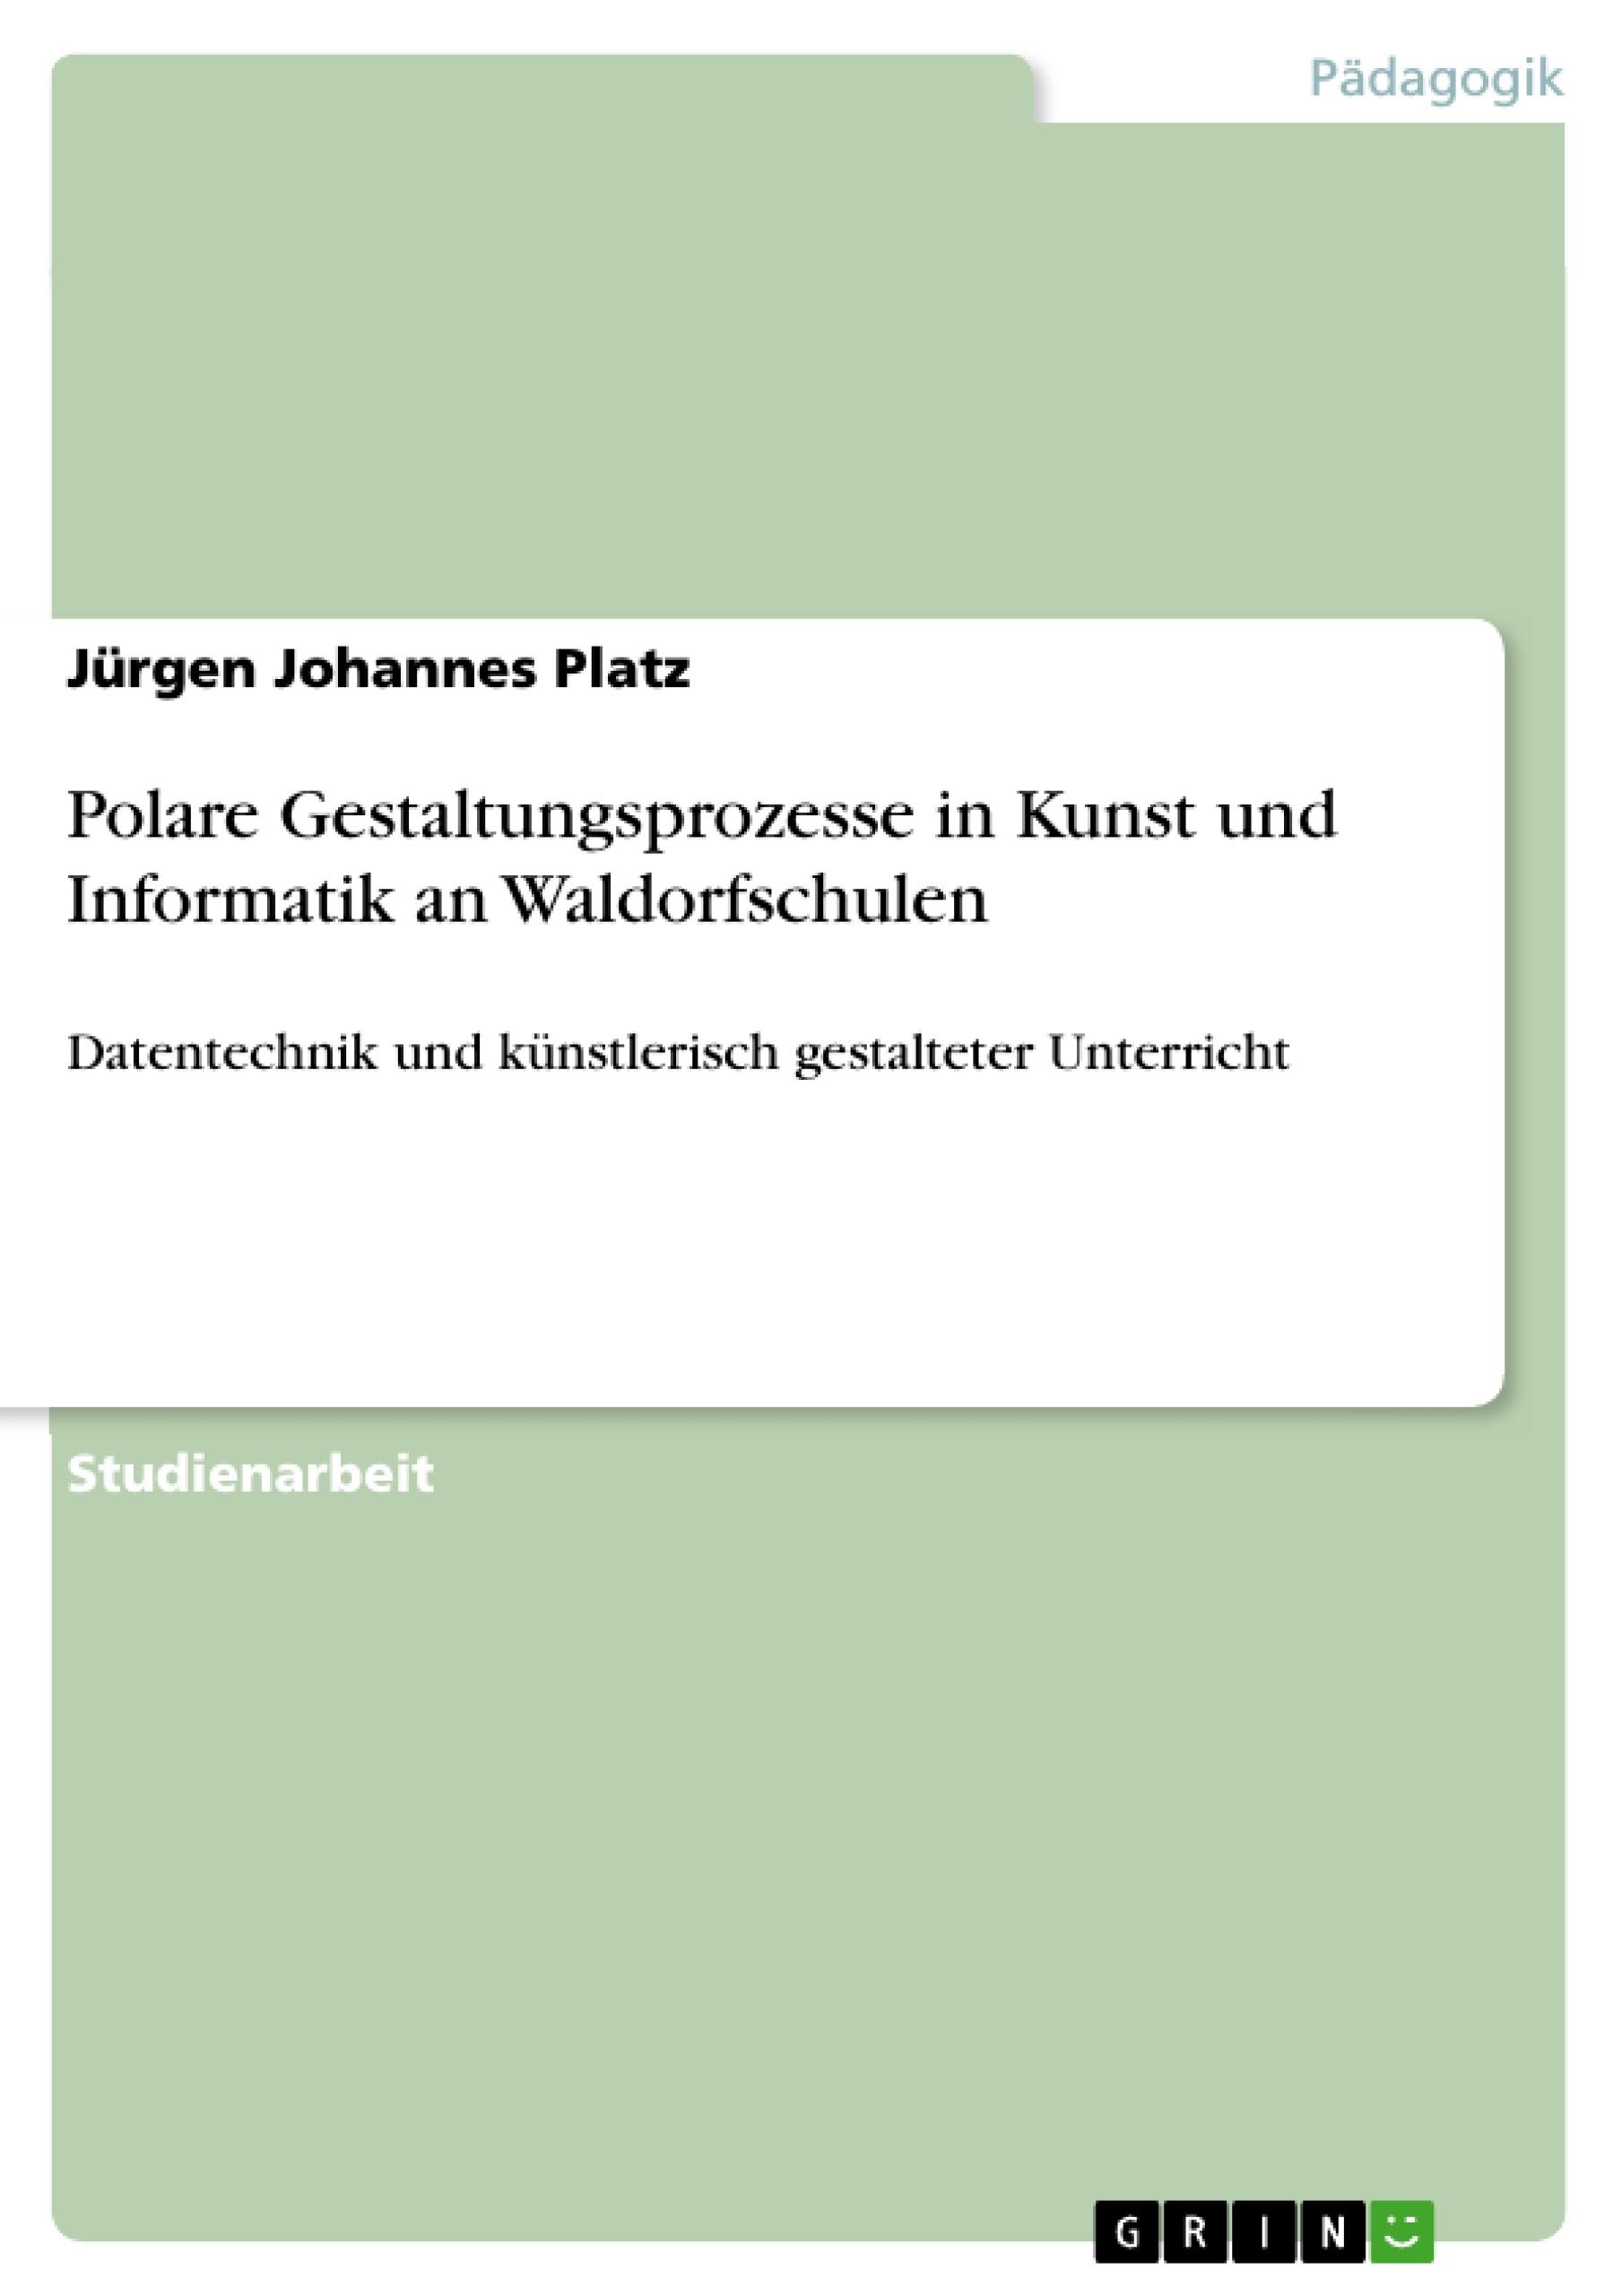 Titel: Polare Gestaltungsprozesse in Kunst und Informatik an Waldorfschulen